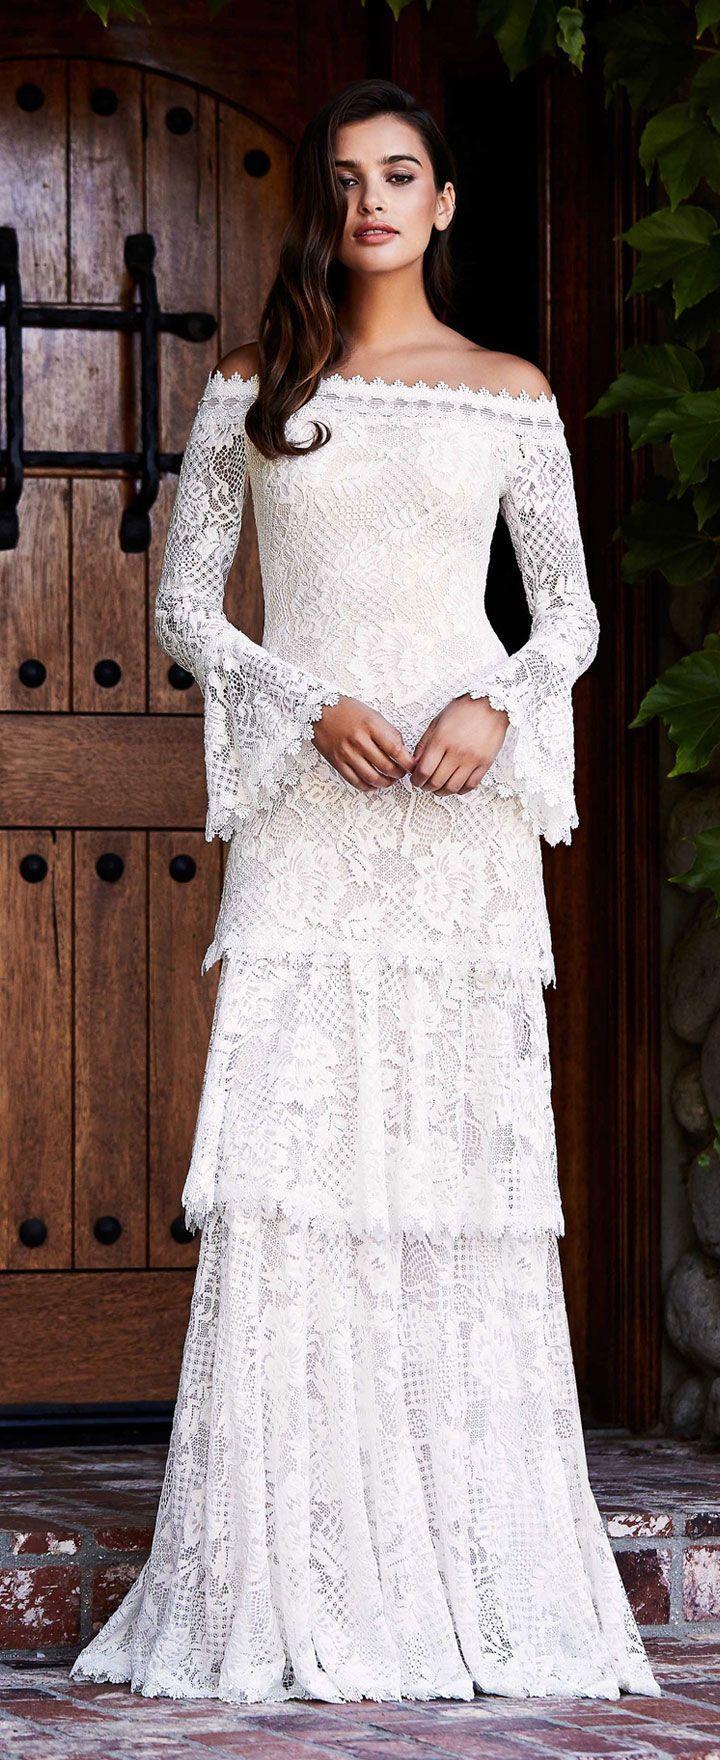 dabaf37d68e39 Off the shoulder long sleeves tiered wedding dress Tadashi Shoji bridal  fall 2018 #weddingdress #wedding #weddinggown